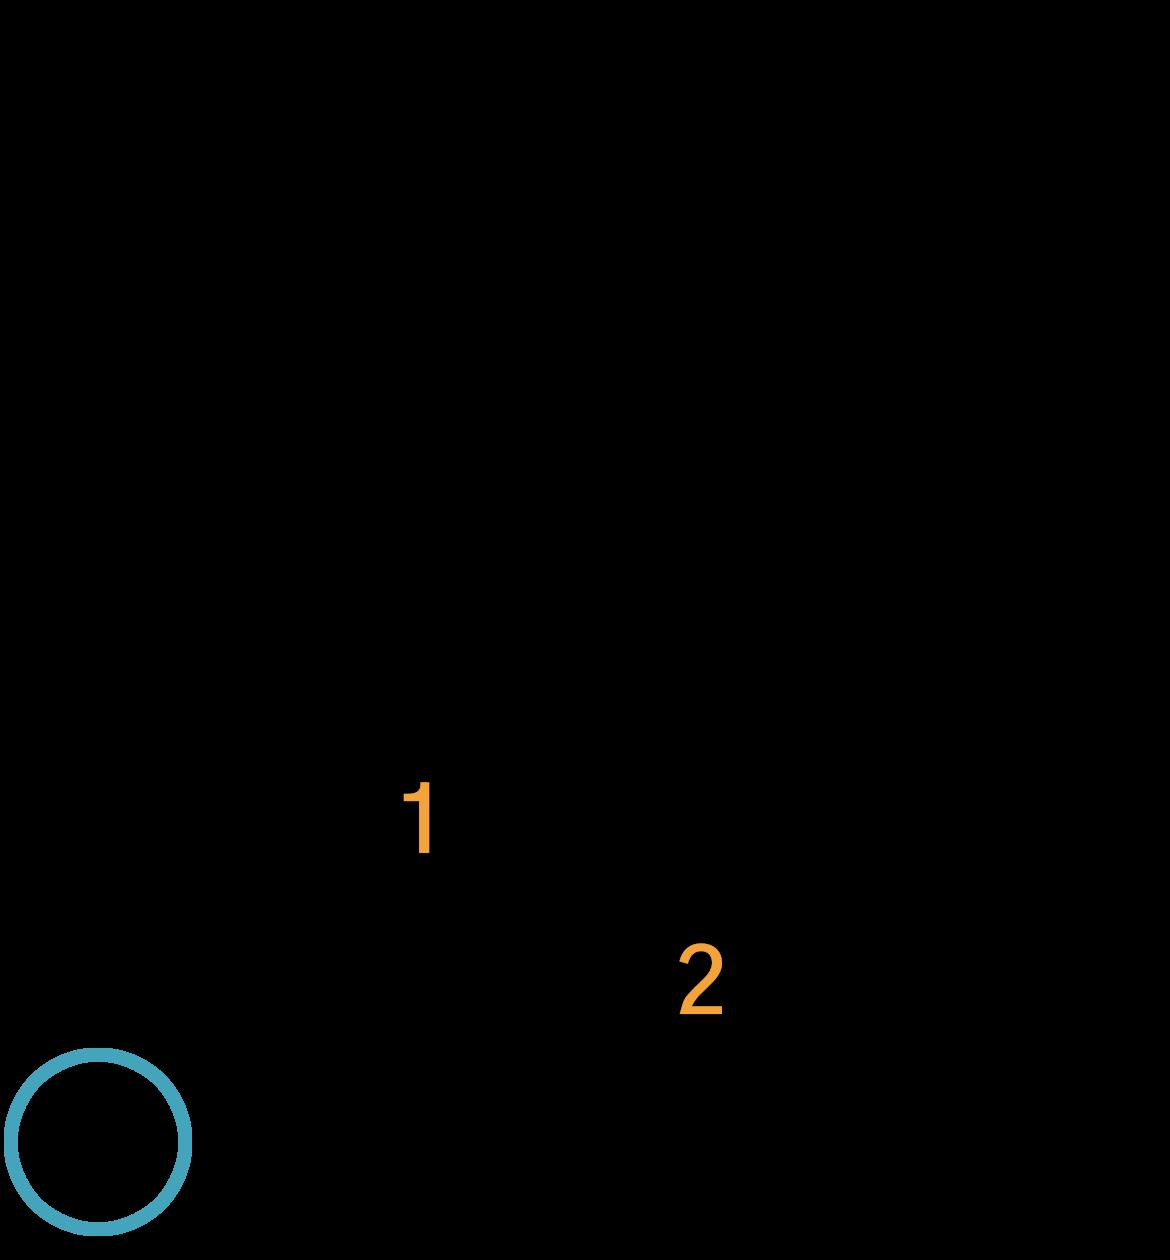 Grafik af hvordan man tager en Em(maj7) akkord på guitar